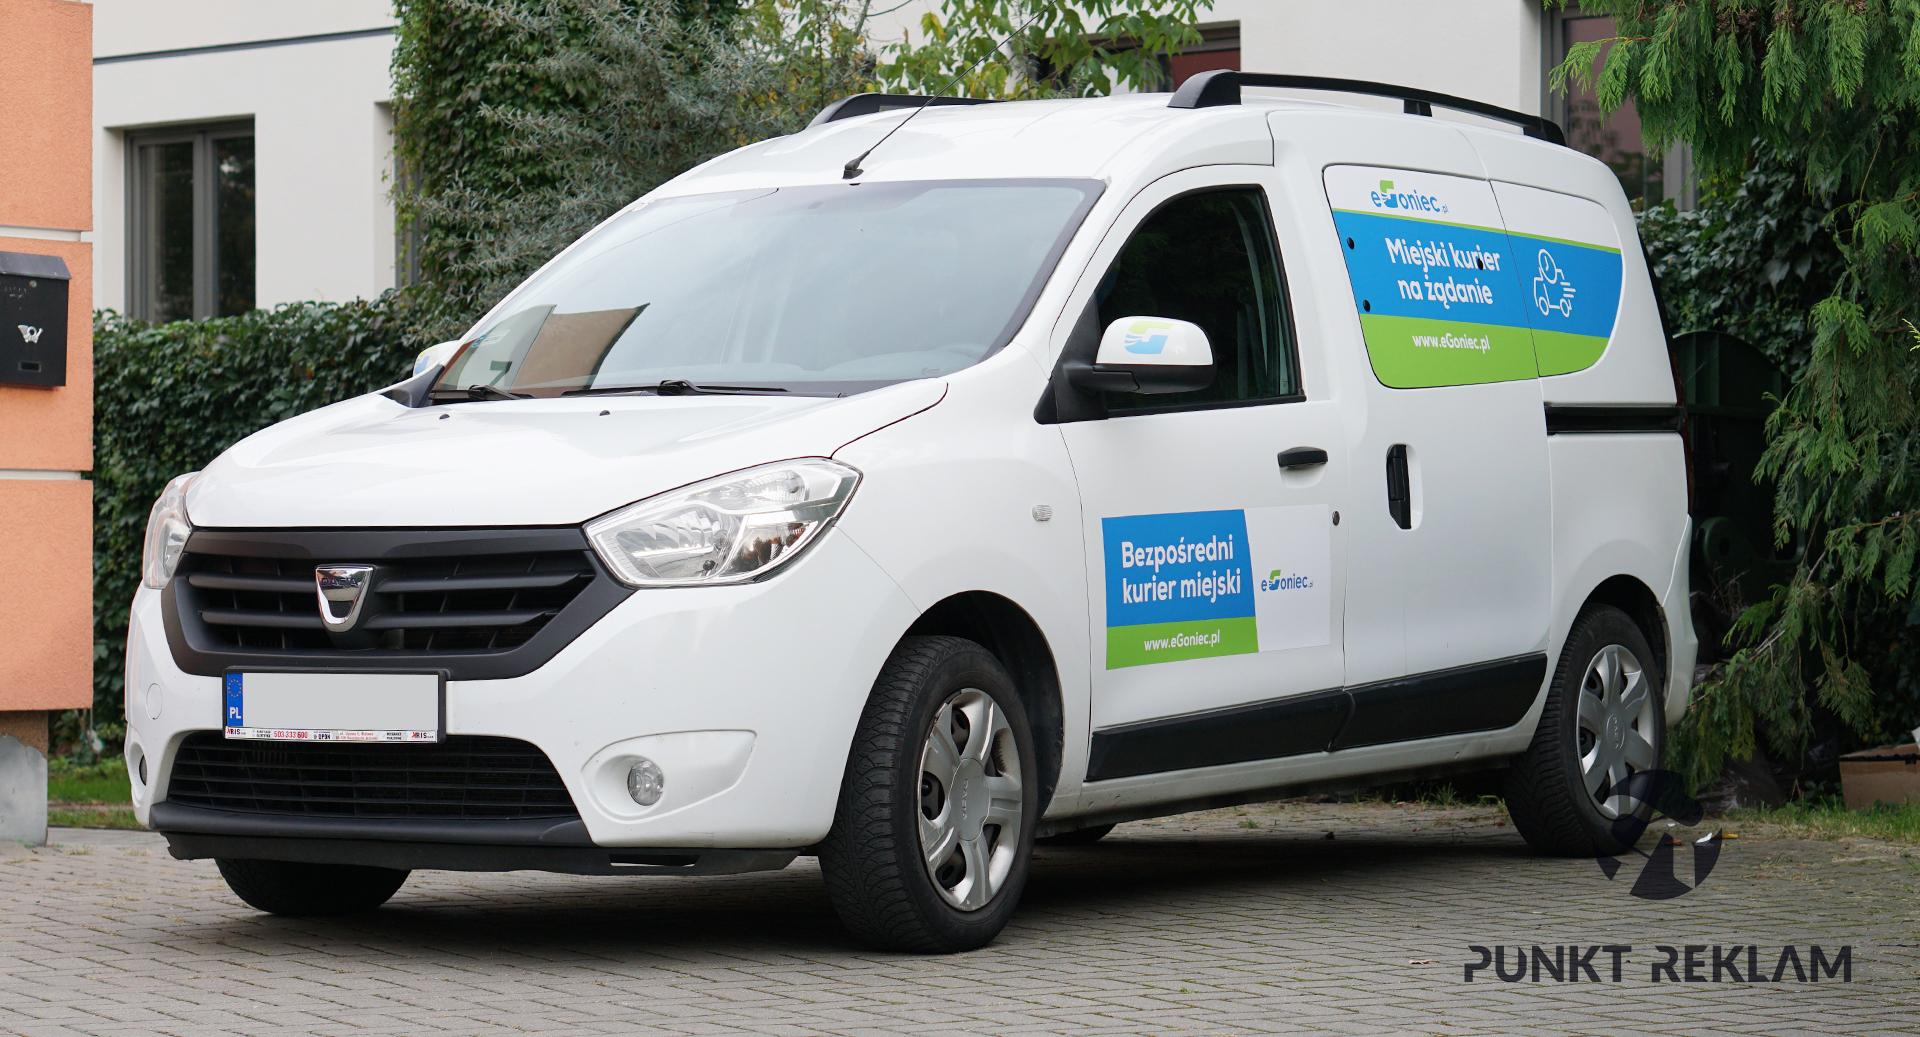 oklejanie-reklamowe-pojazdów-warszawa